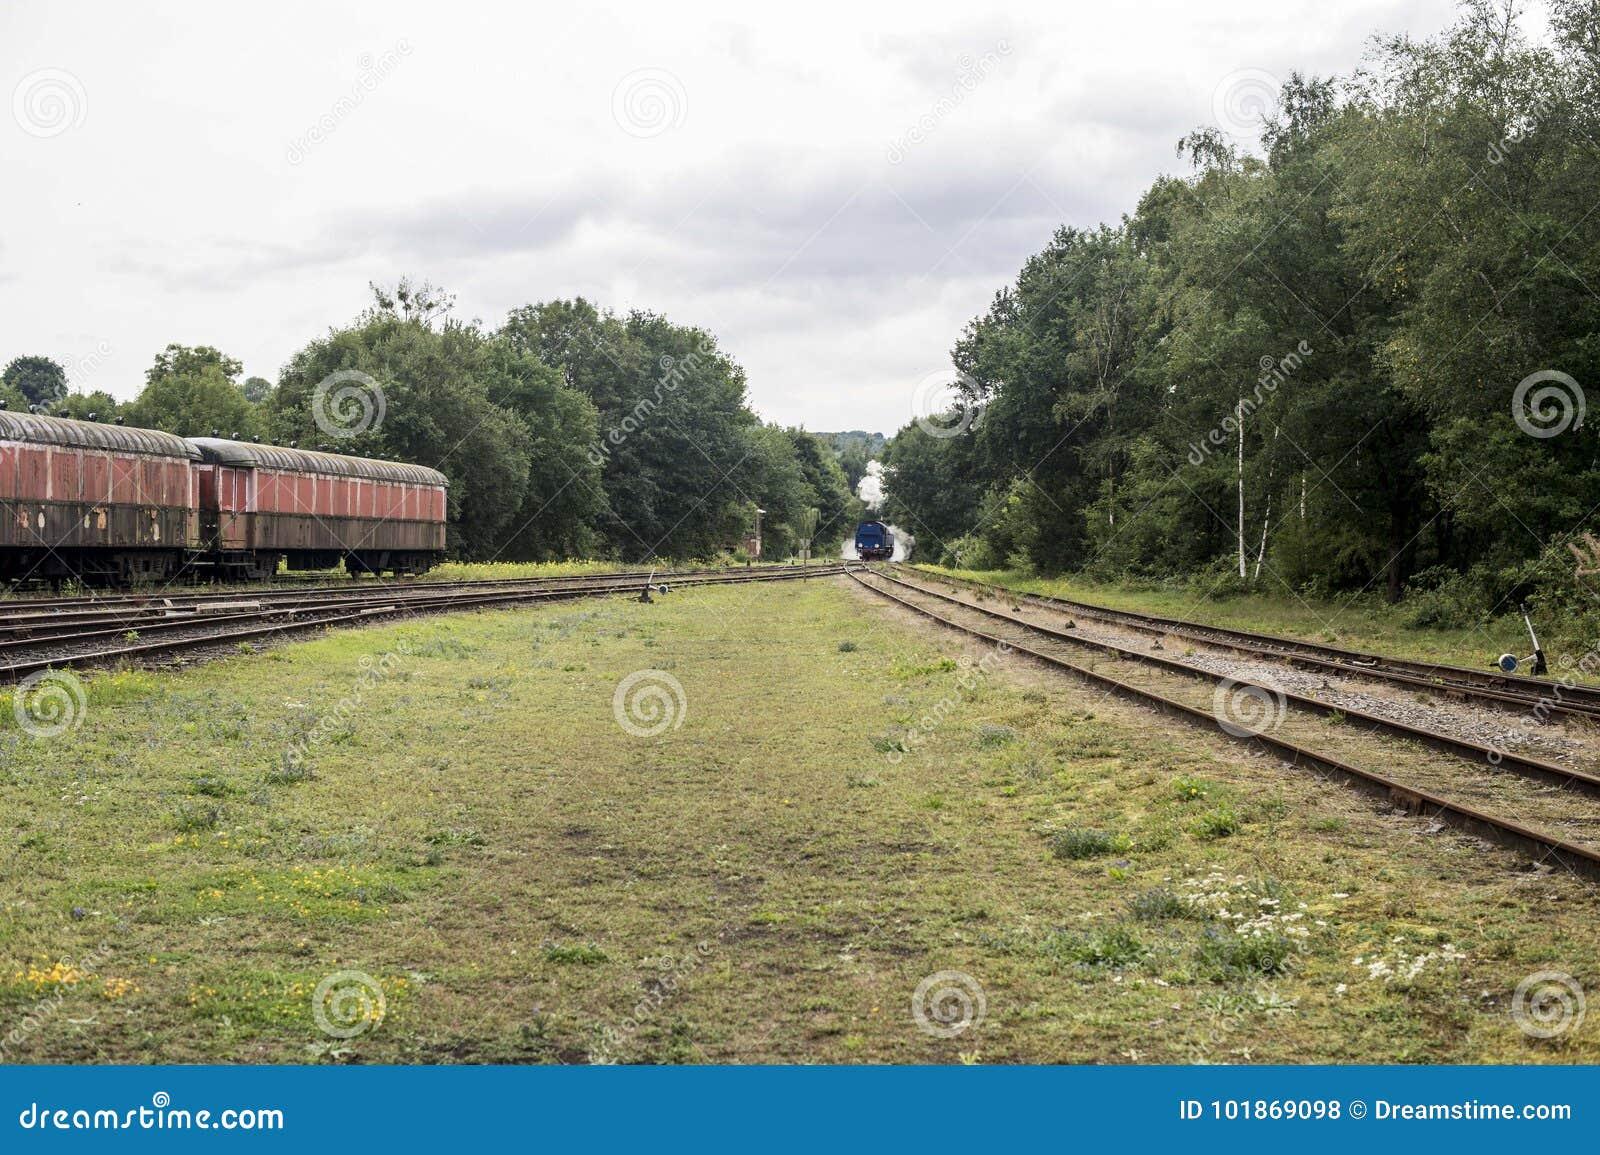 De stoomtrein is ver weg